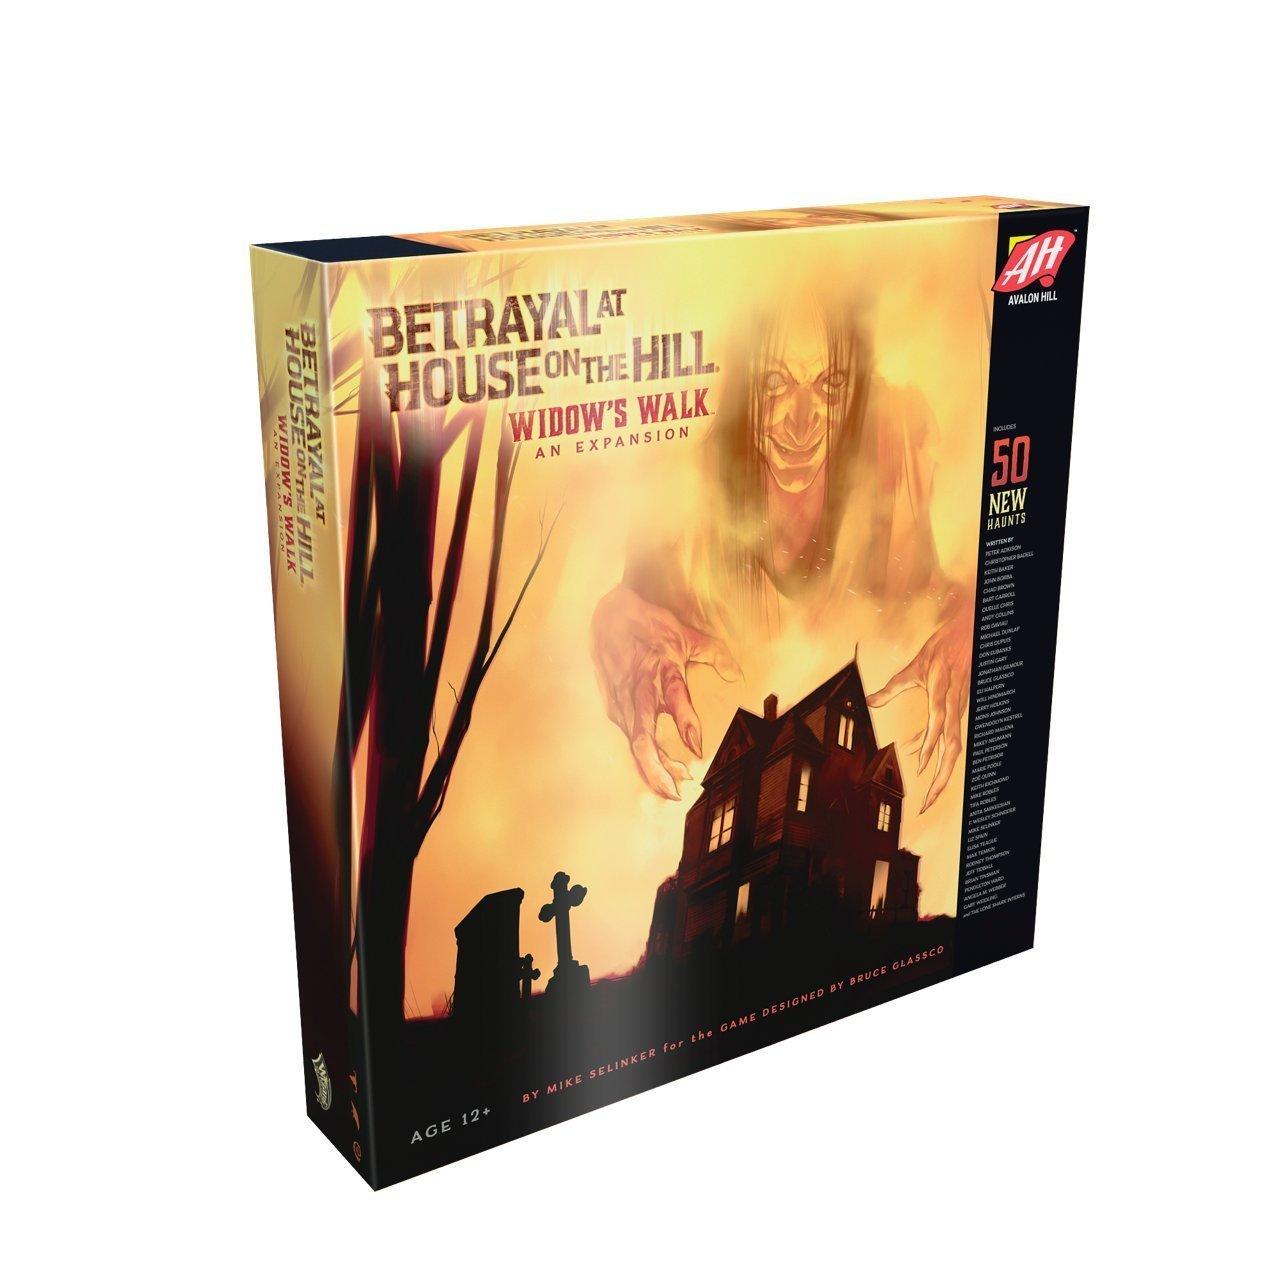 【送料込】 Betrayal Betrayal Hill: at House Game on the Hill: Widow's Walk Board Game [並行輸入品] B01M2X06GI, GUOYA SELECT:99a28db0 --- arianechie.dominiotemporario.com